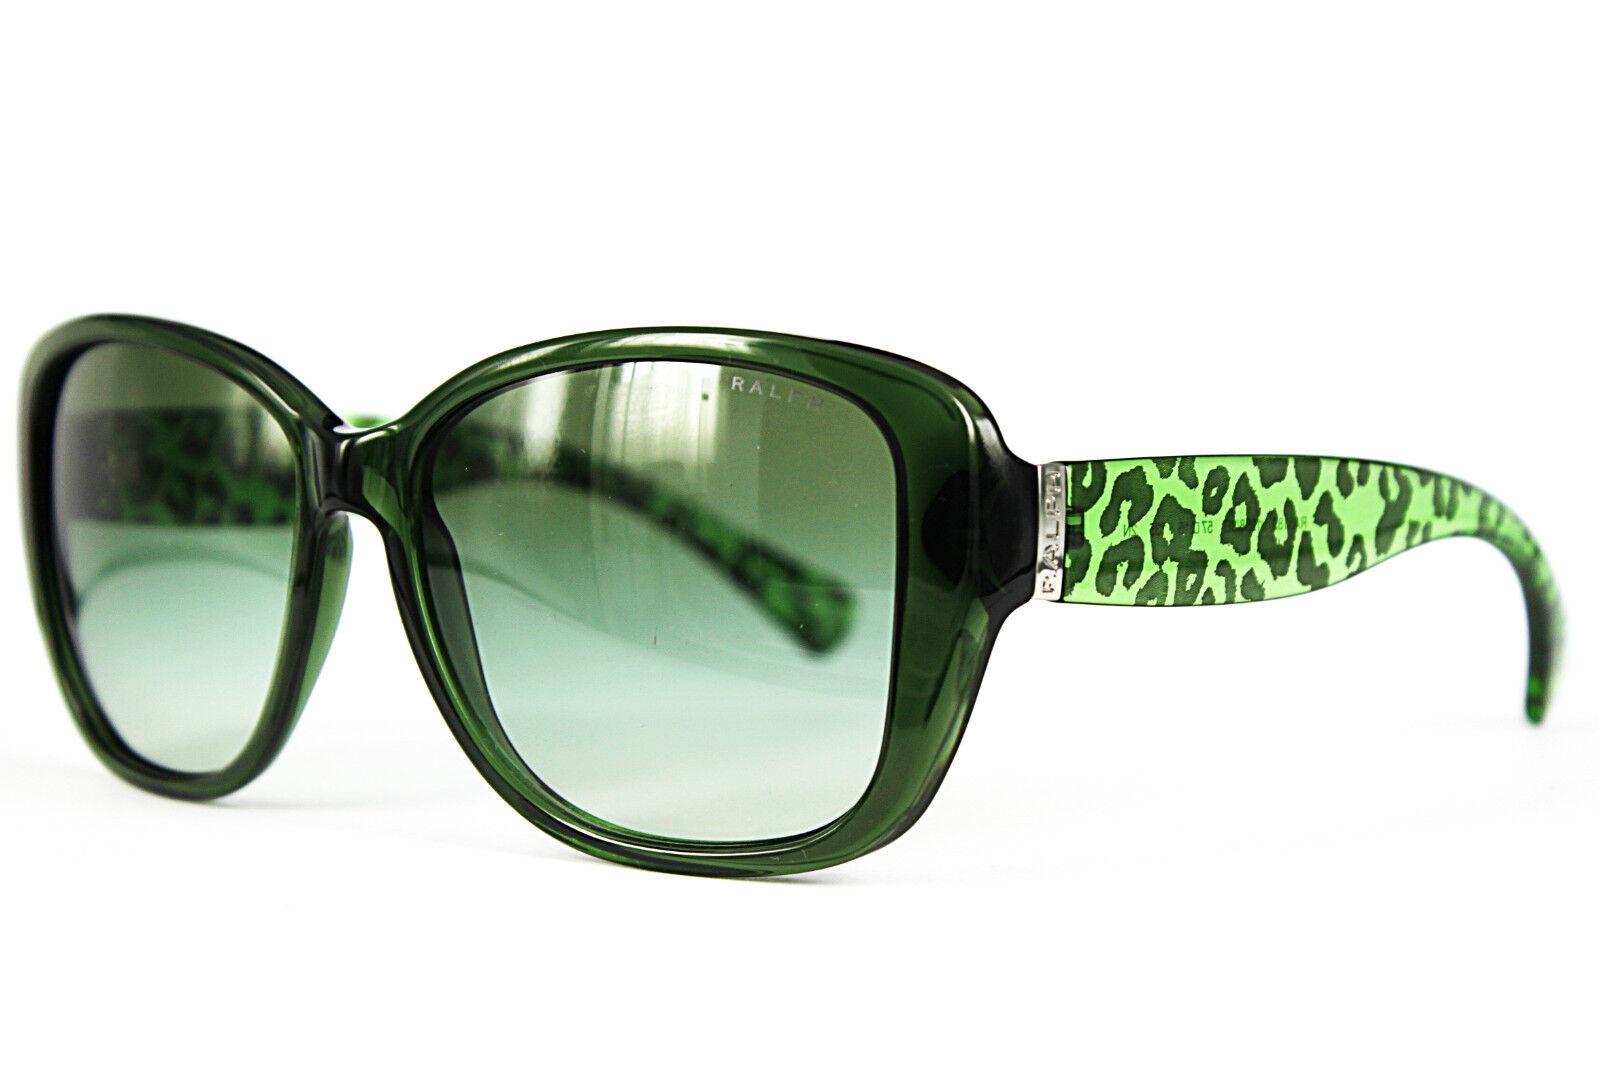 RALPH RalphLauren Sonnenbrille Sunglasses RA5182 1258 8E Konkursware   473A (40)     | Garantiere Qualität und Quantität  | Die erste Reihe von umfassenden Spezifikationen für Kunden  | Vielfältiges neues Design